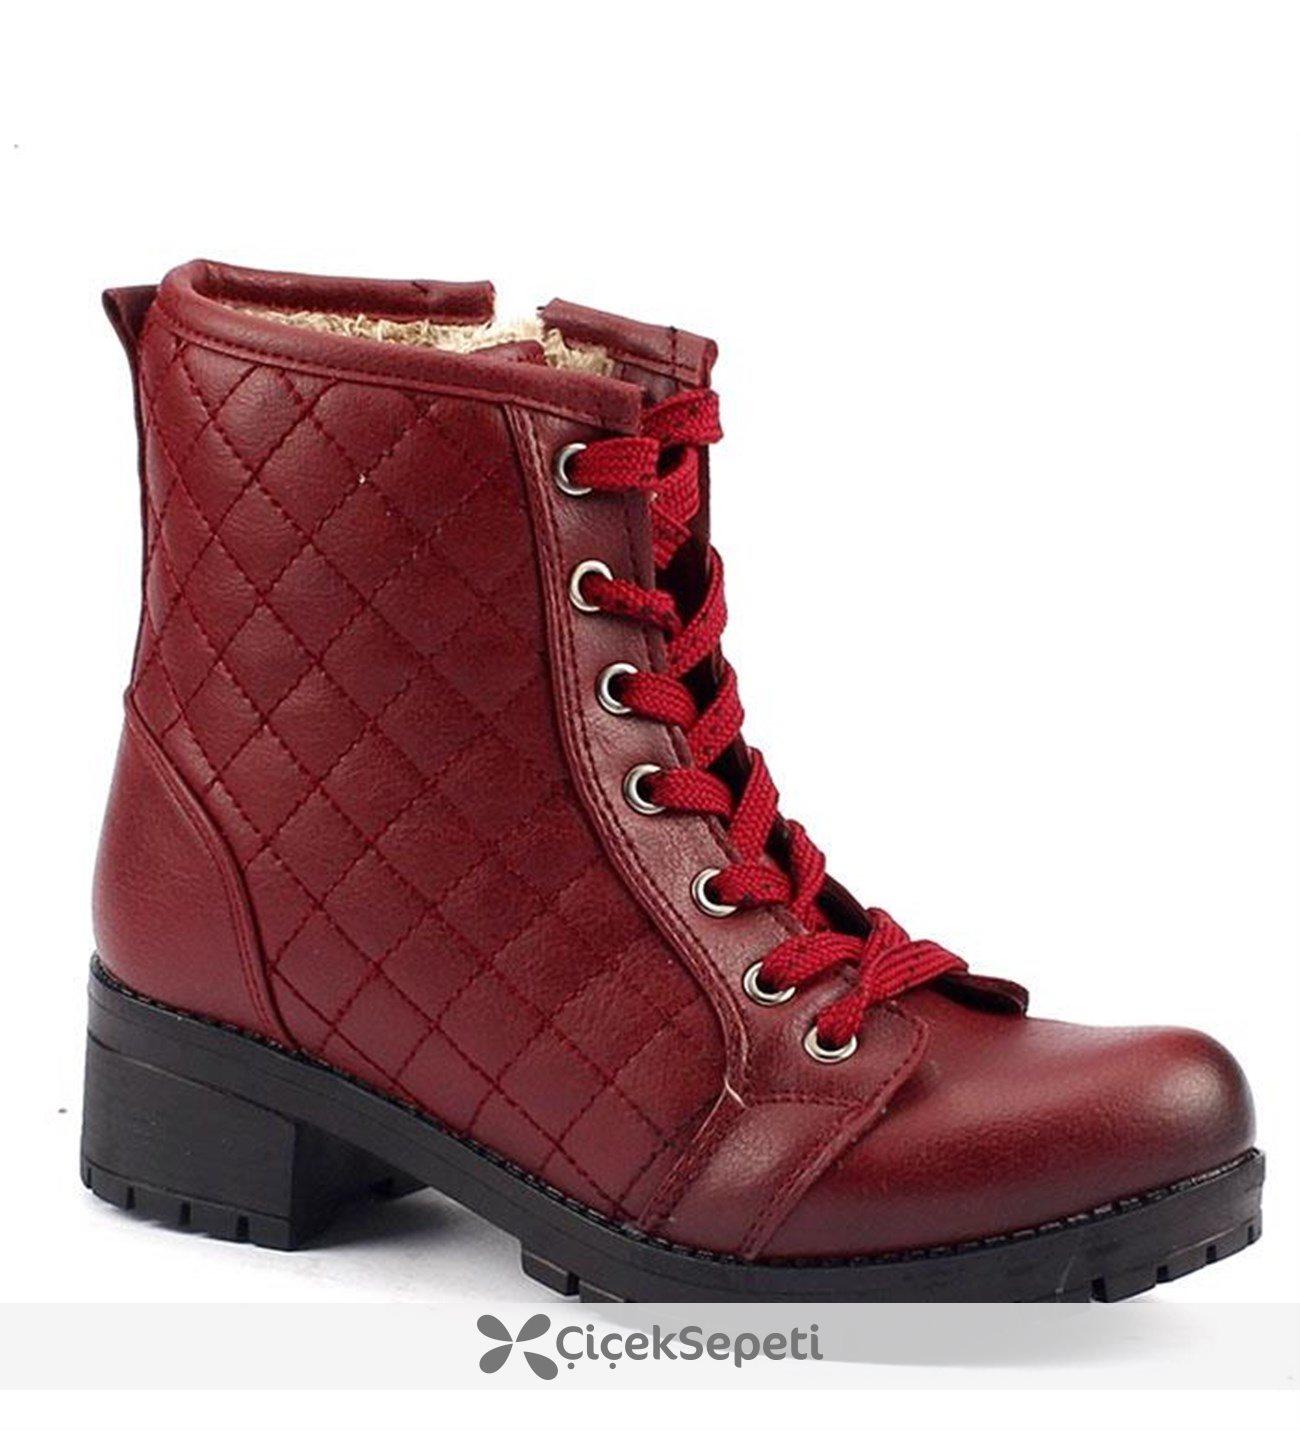 Scookrs 111 İçi Kürklü 45 Cm Topuklu Bayan Cilt Bot Ayakkabı